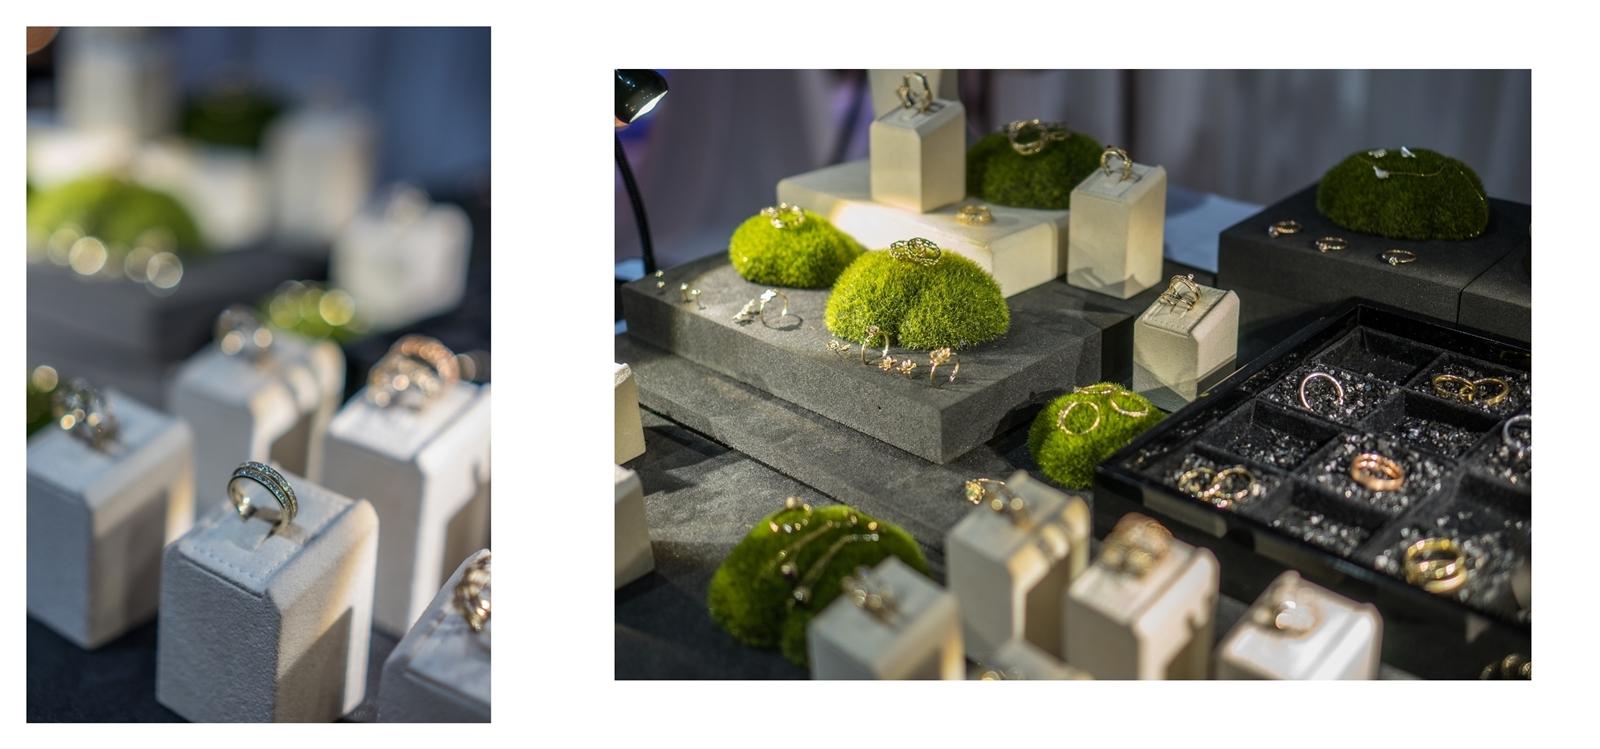 8 OFF WEDDING - Alternatywne Targi ślubne papeteria. biżuteria ślubna, dodatki ślubne, boho dekoracje , kwiaty na ślub i wesele, warszawa, łódź, romantczne, naturalne, nietypowe papeterie ślubne